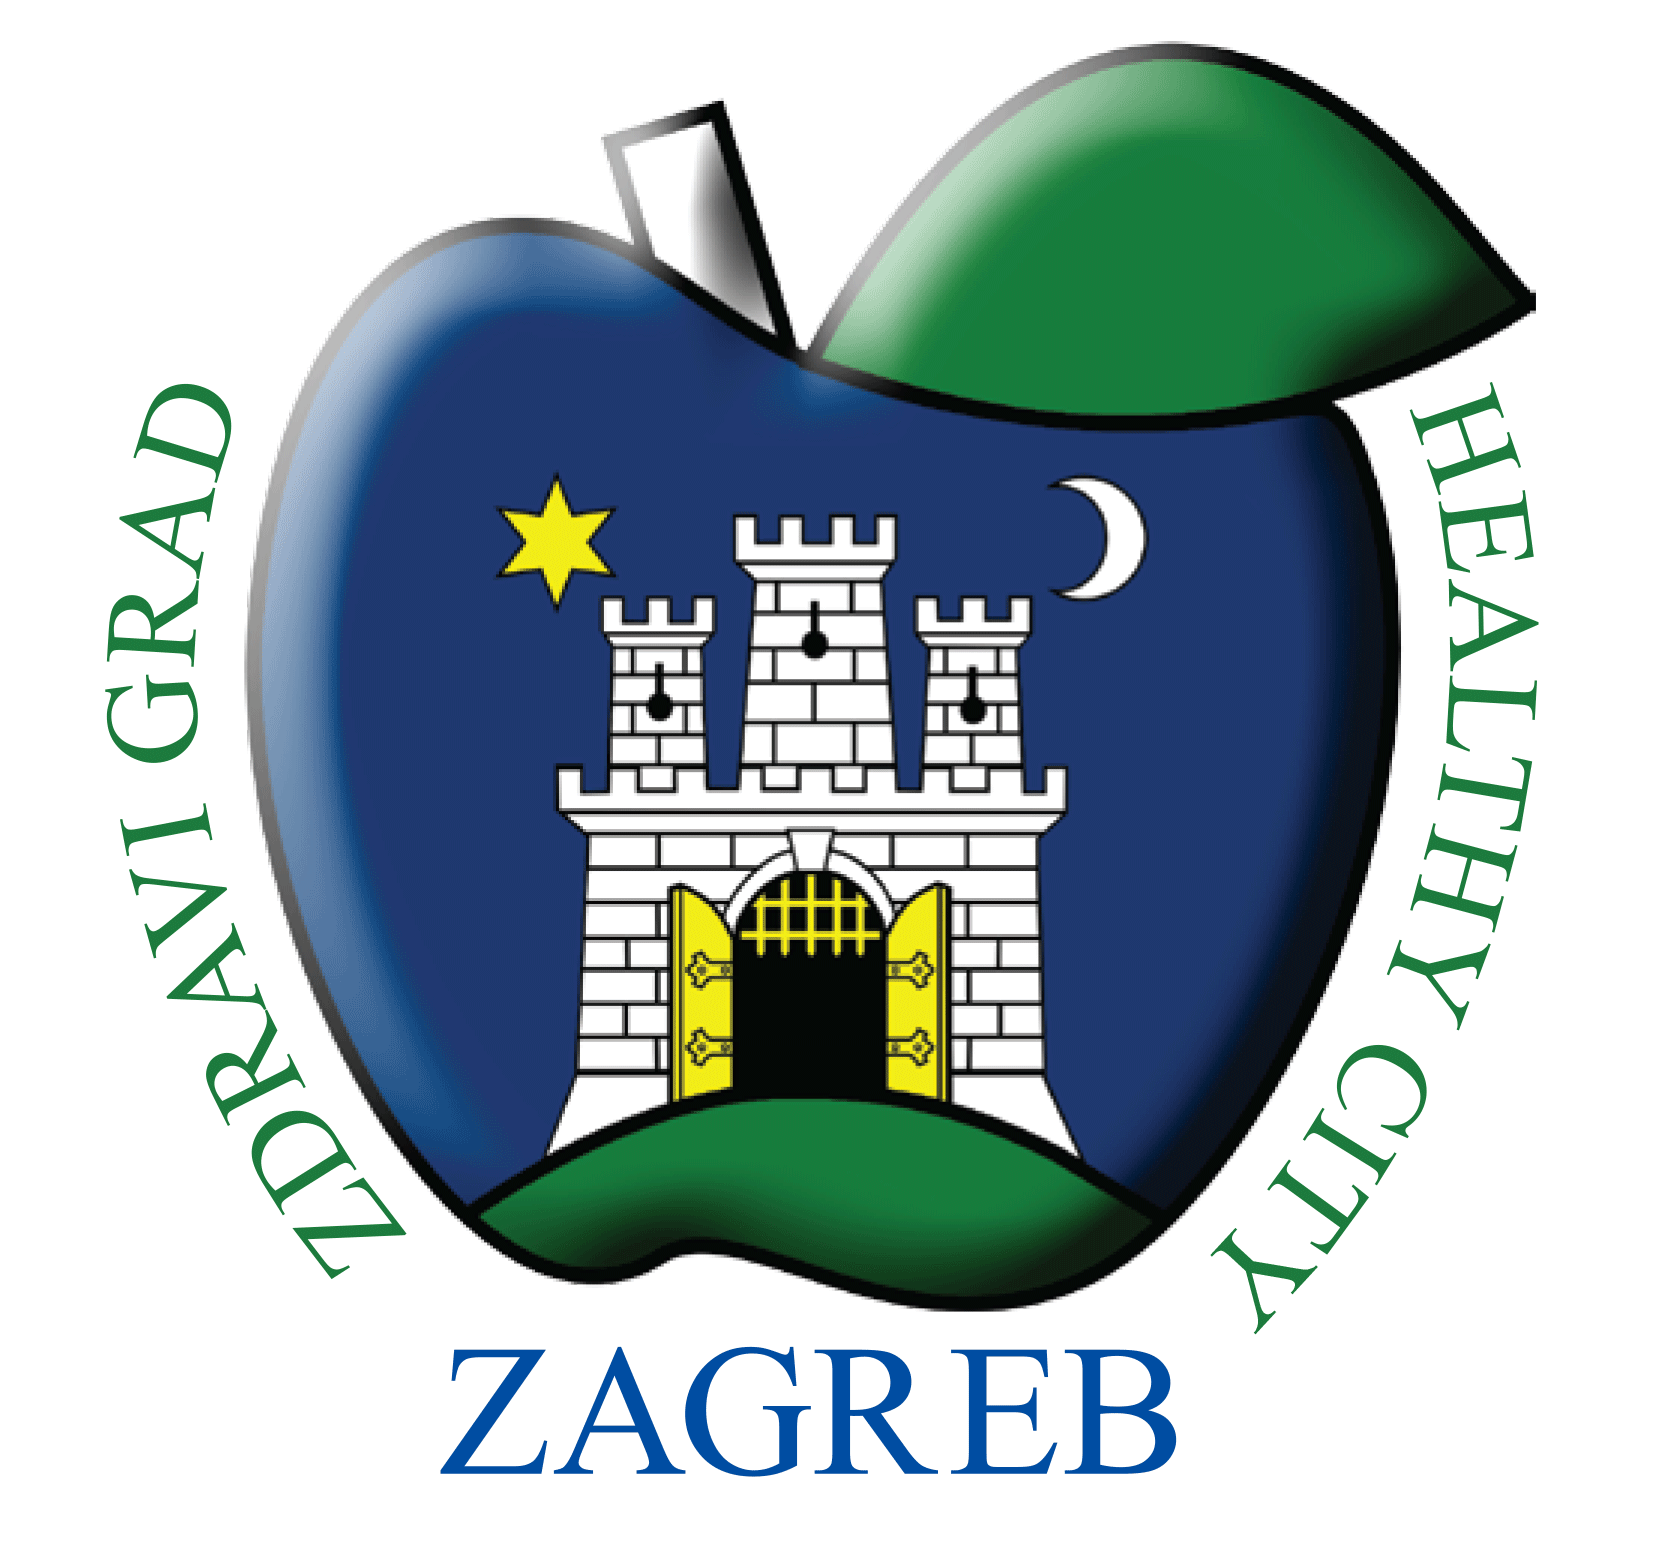 Čuvari srca imaju podršku grada Zagreba i gradonačelnika Milana Bandića